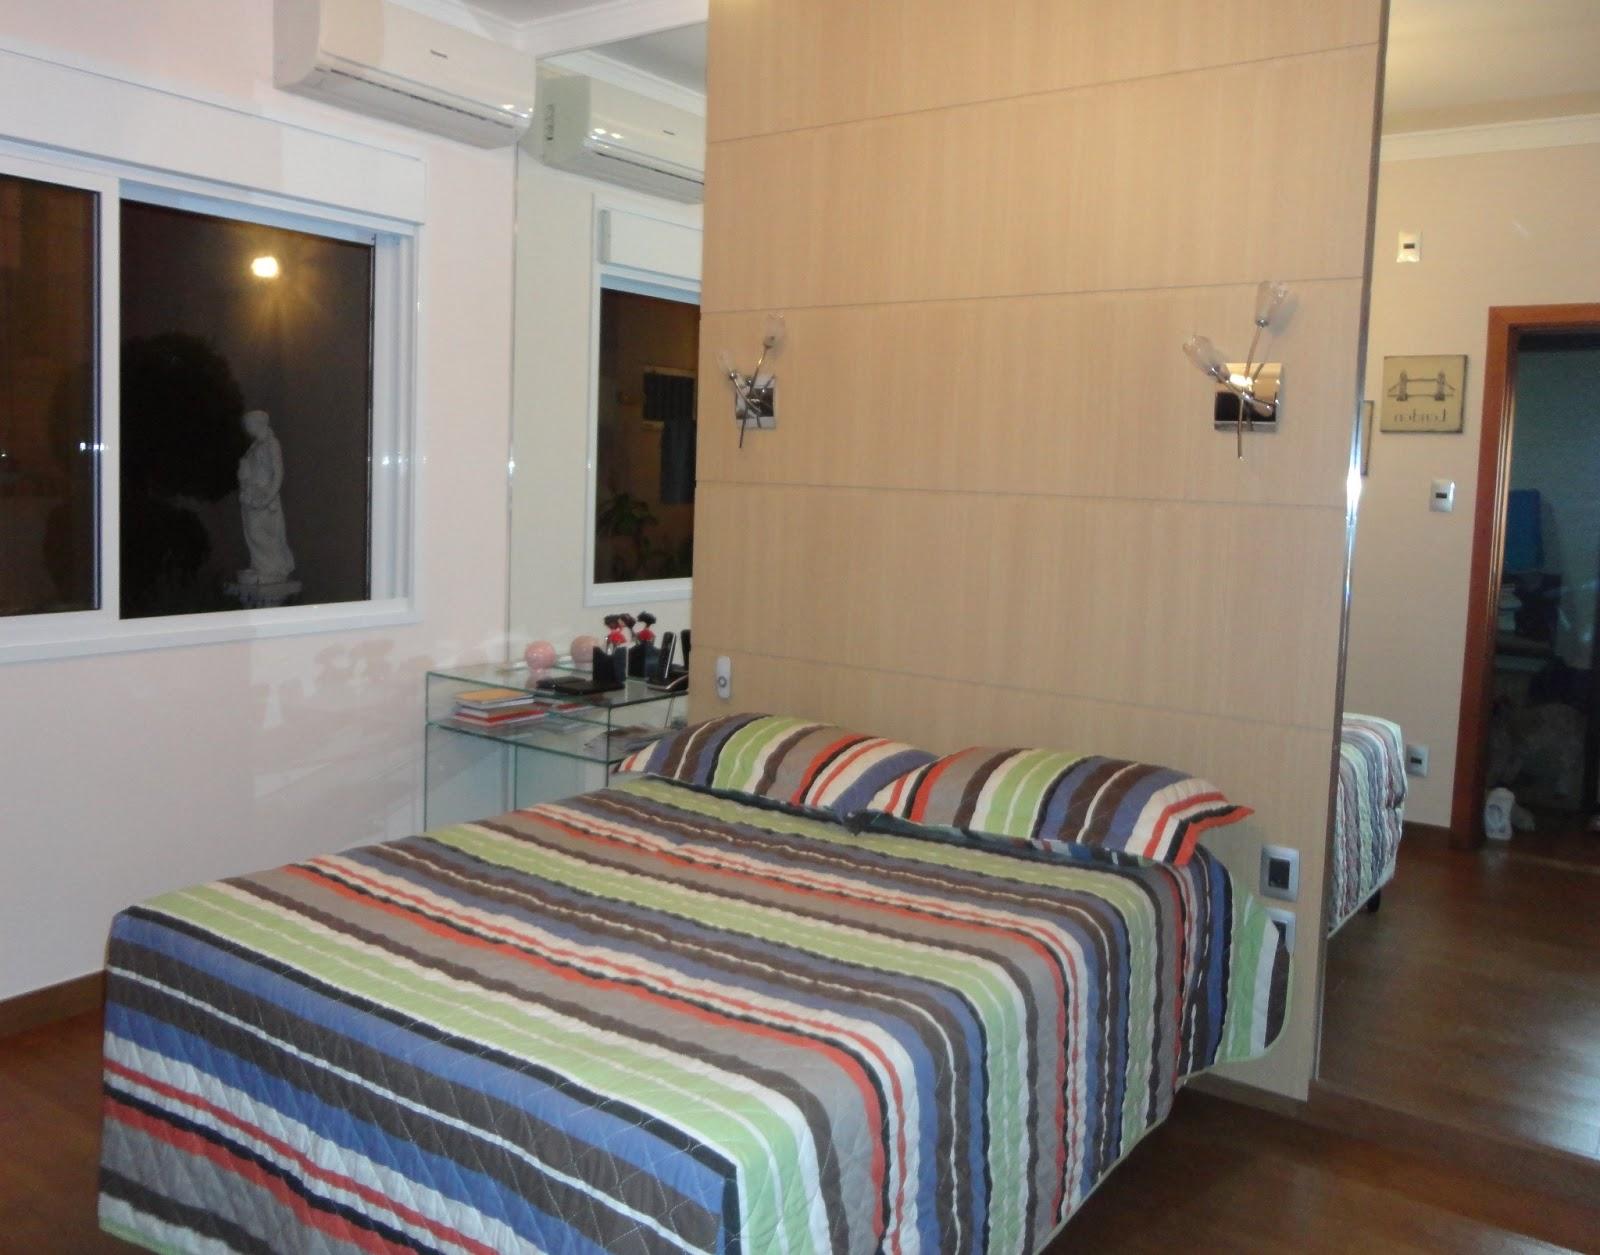 reforma de nossa casa: Quarto integrado ao banheiro: um charme! #856746 1600 1255